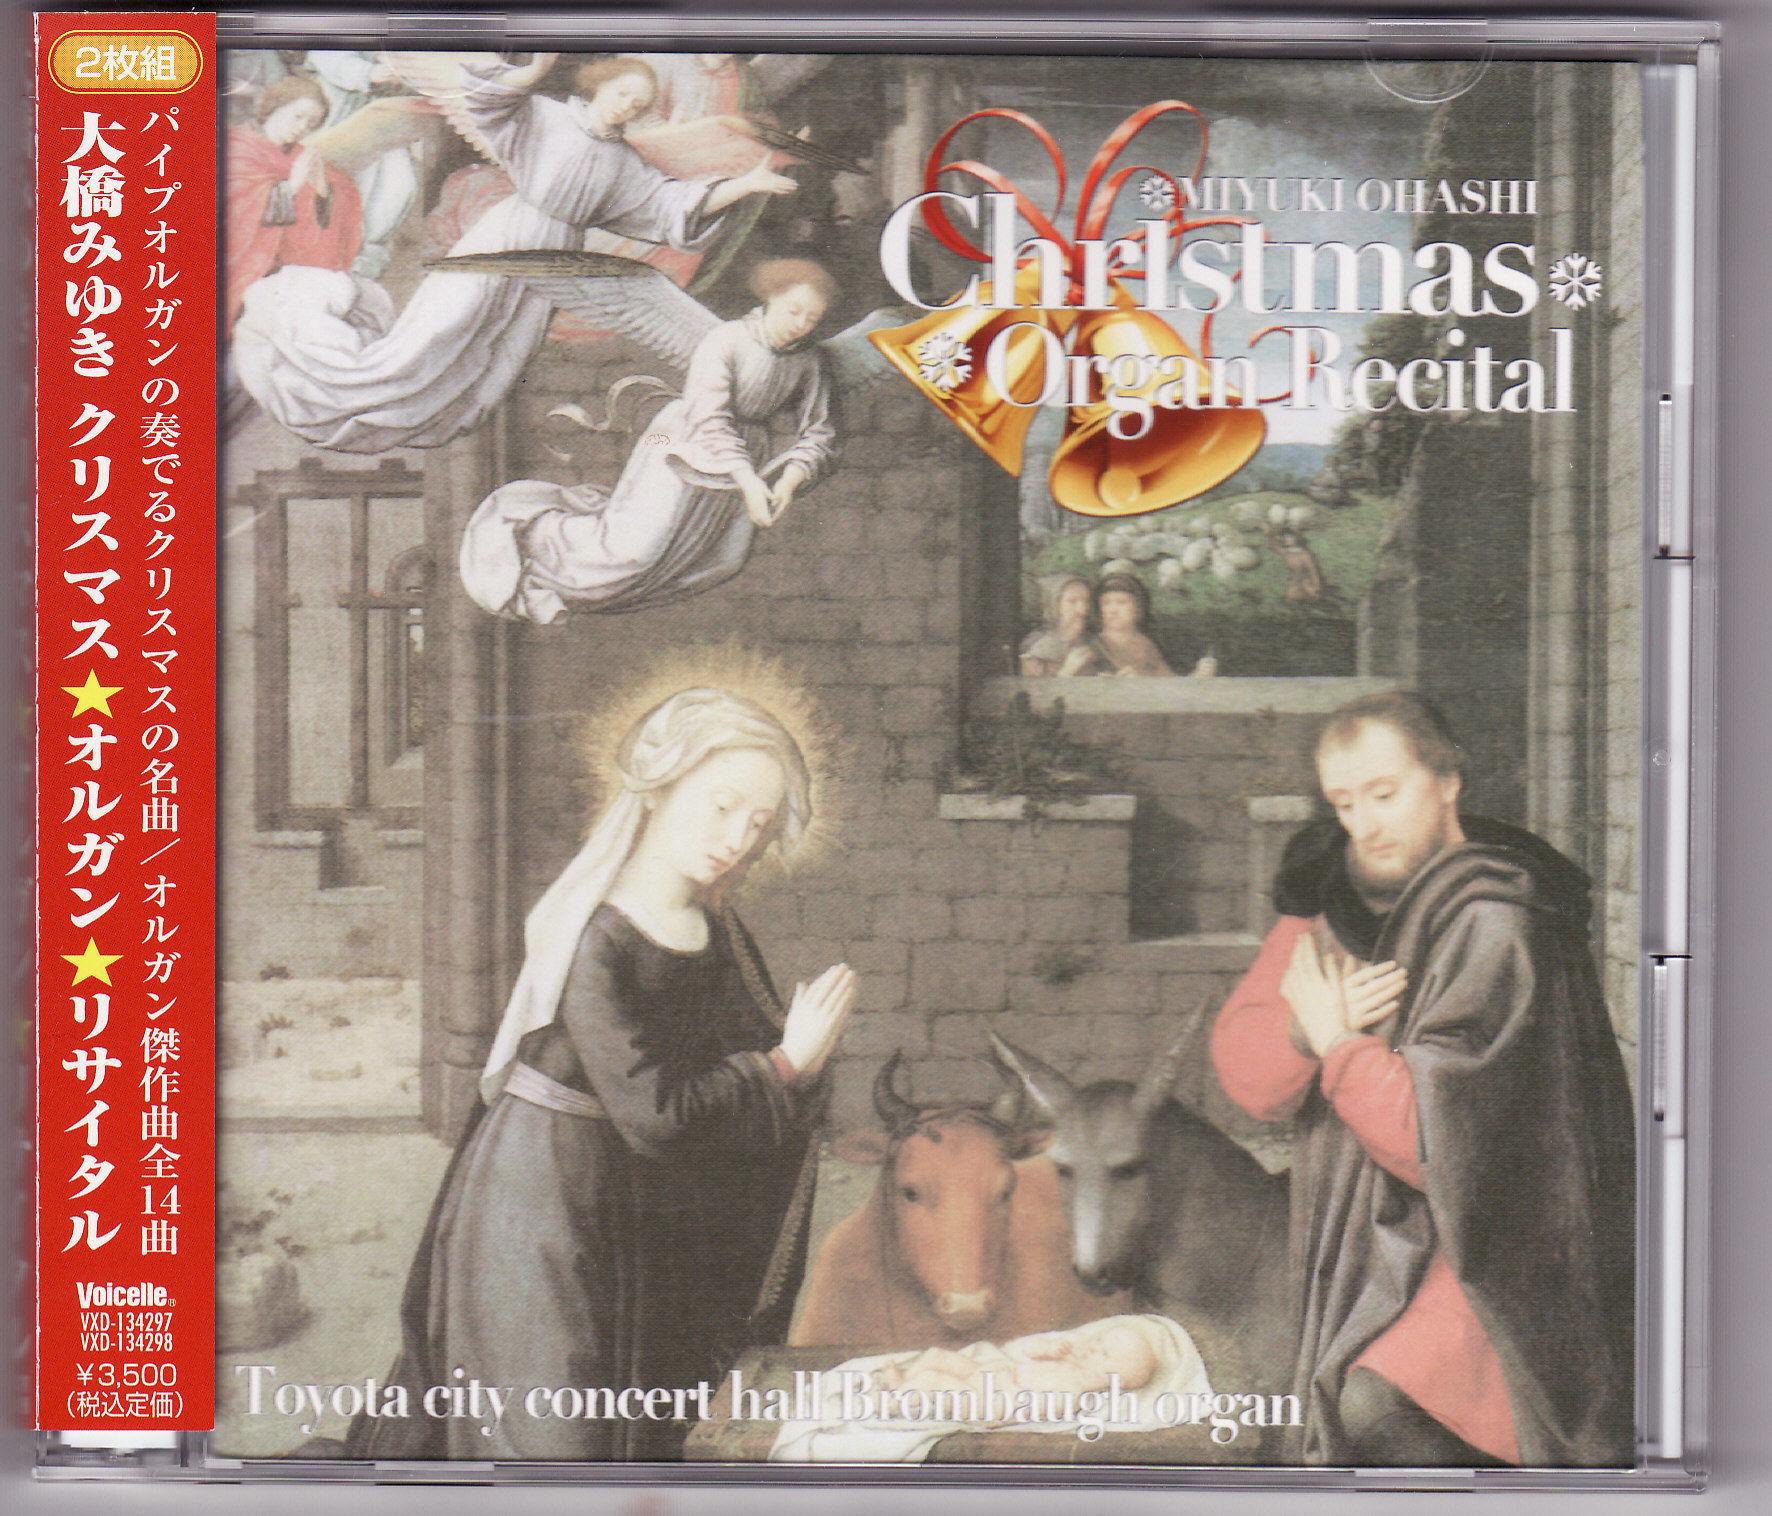 2枚組CD「大橋みゆき クリスマス オルガンリサイタル」